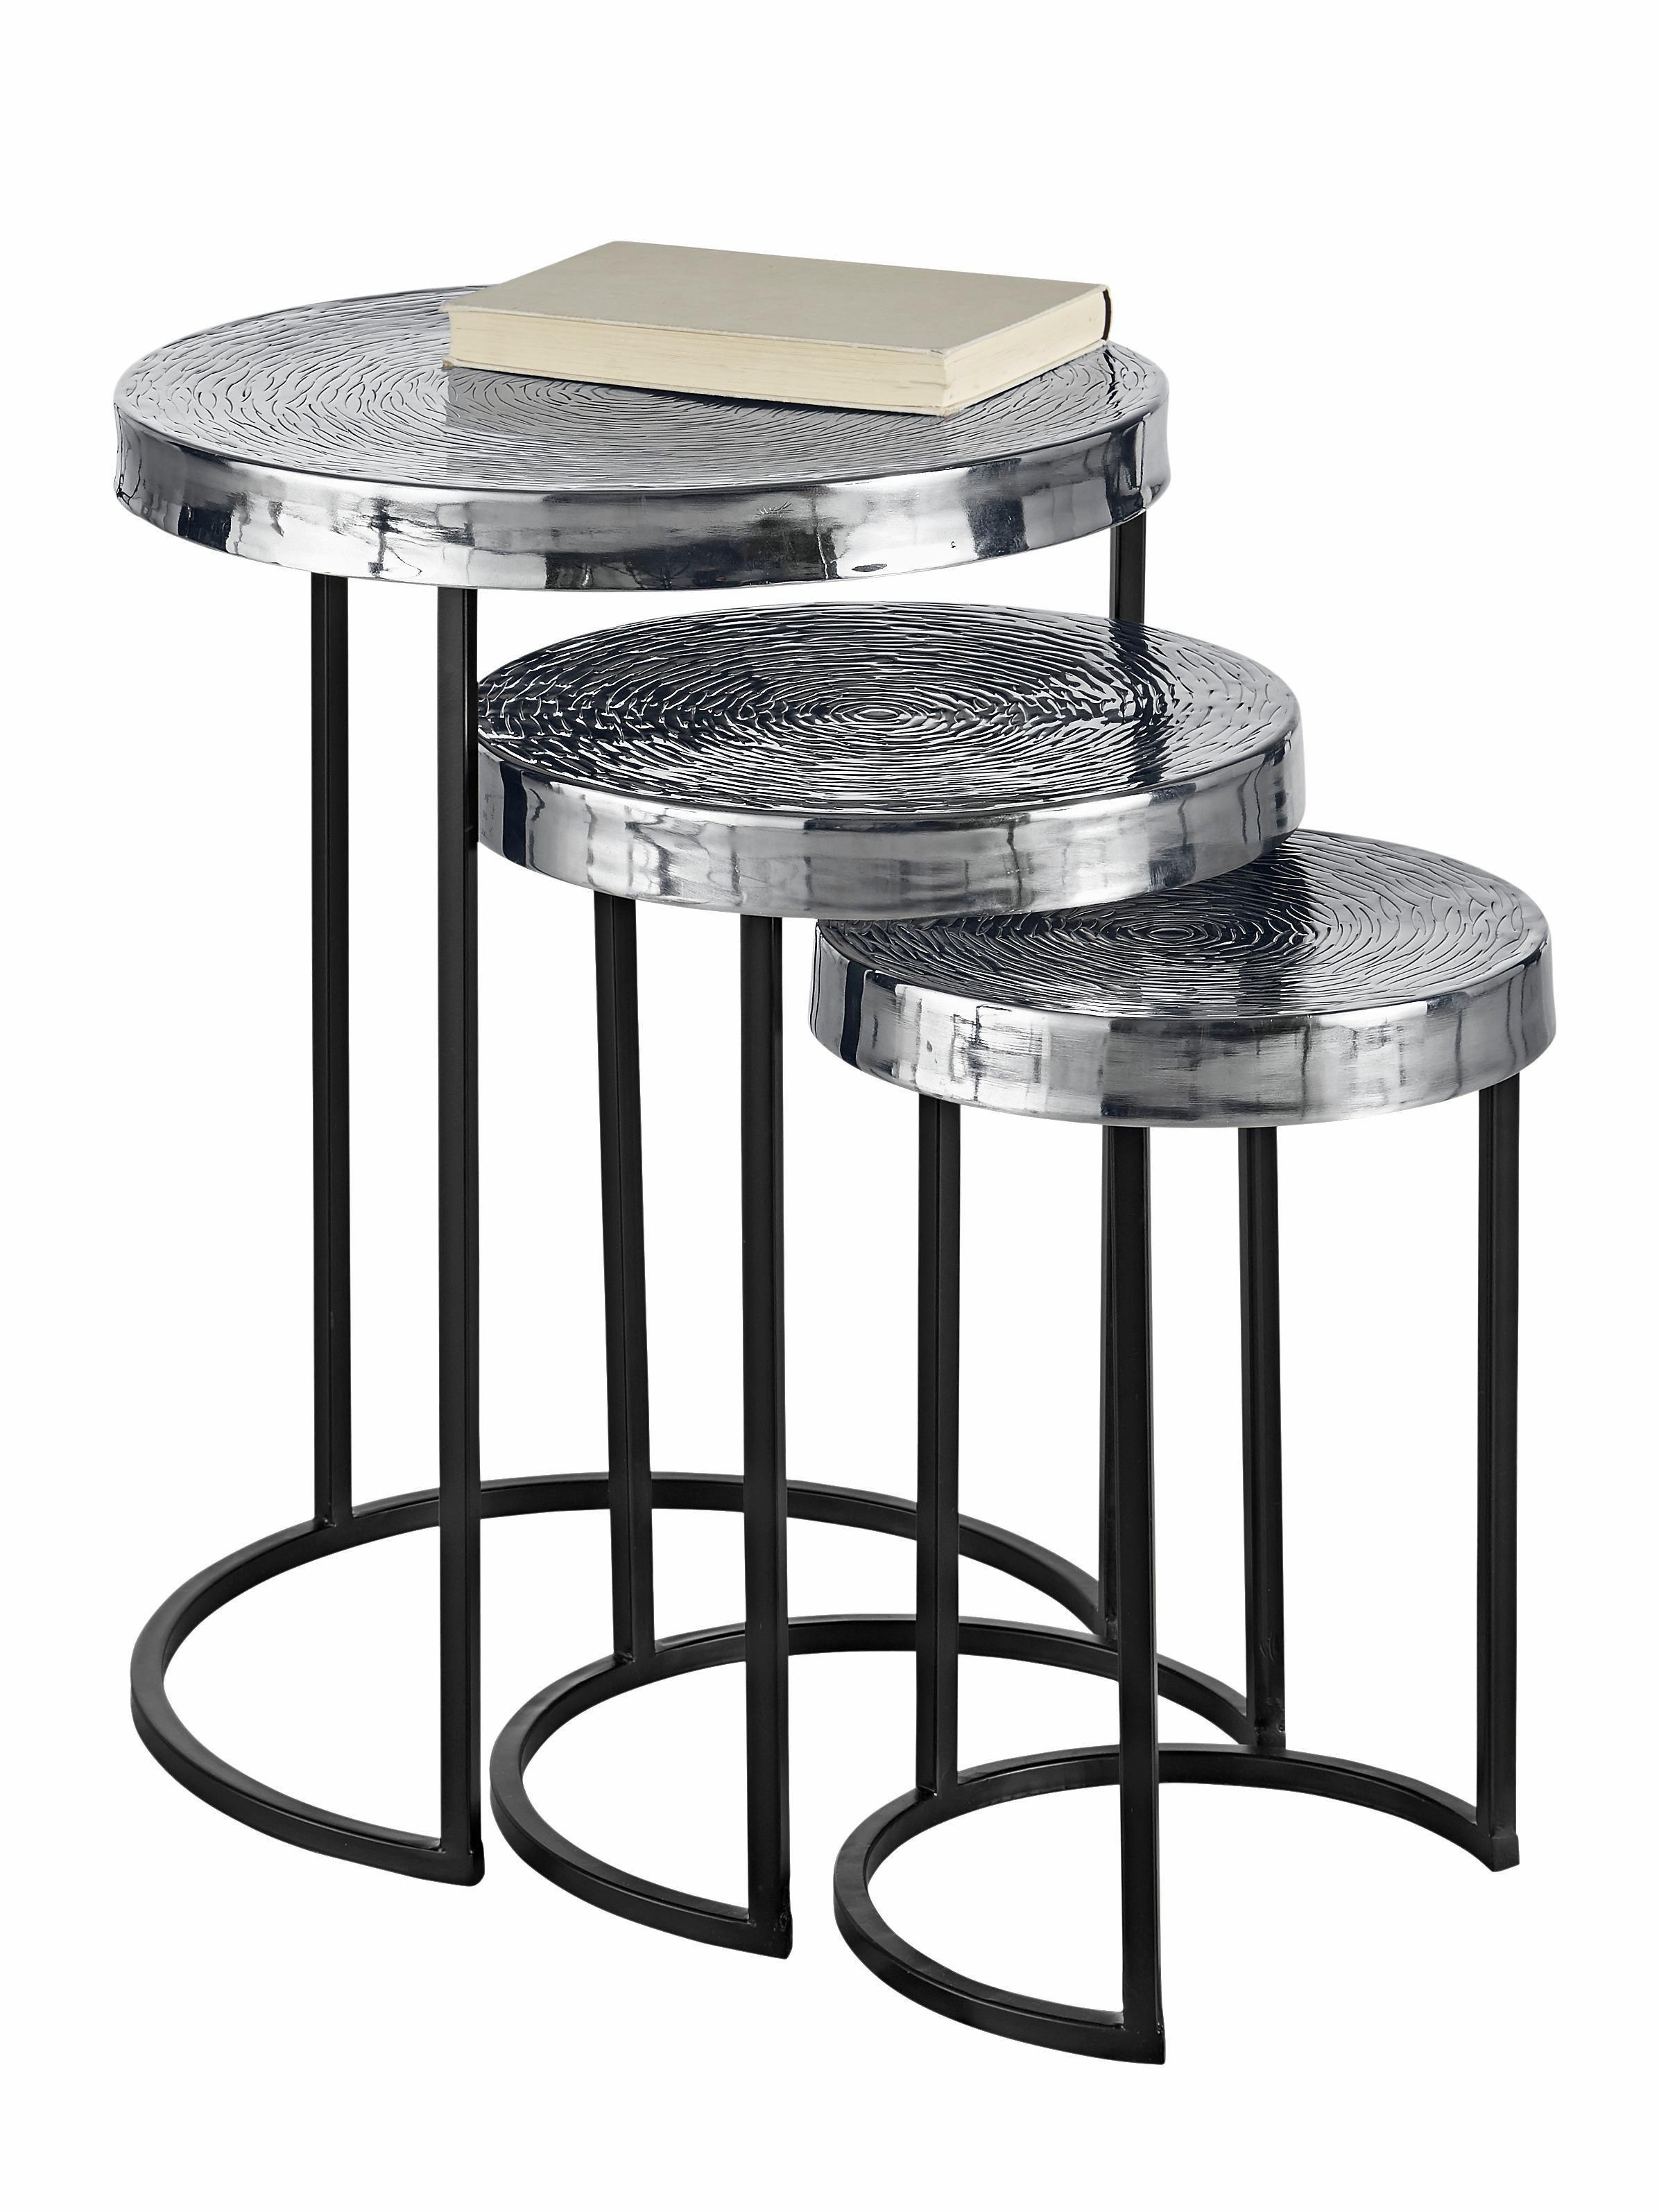 gepraegte beistelltische online kaufen m bel. Black Bedroom Furniture Sets. Home Design Ideas